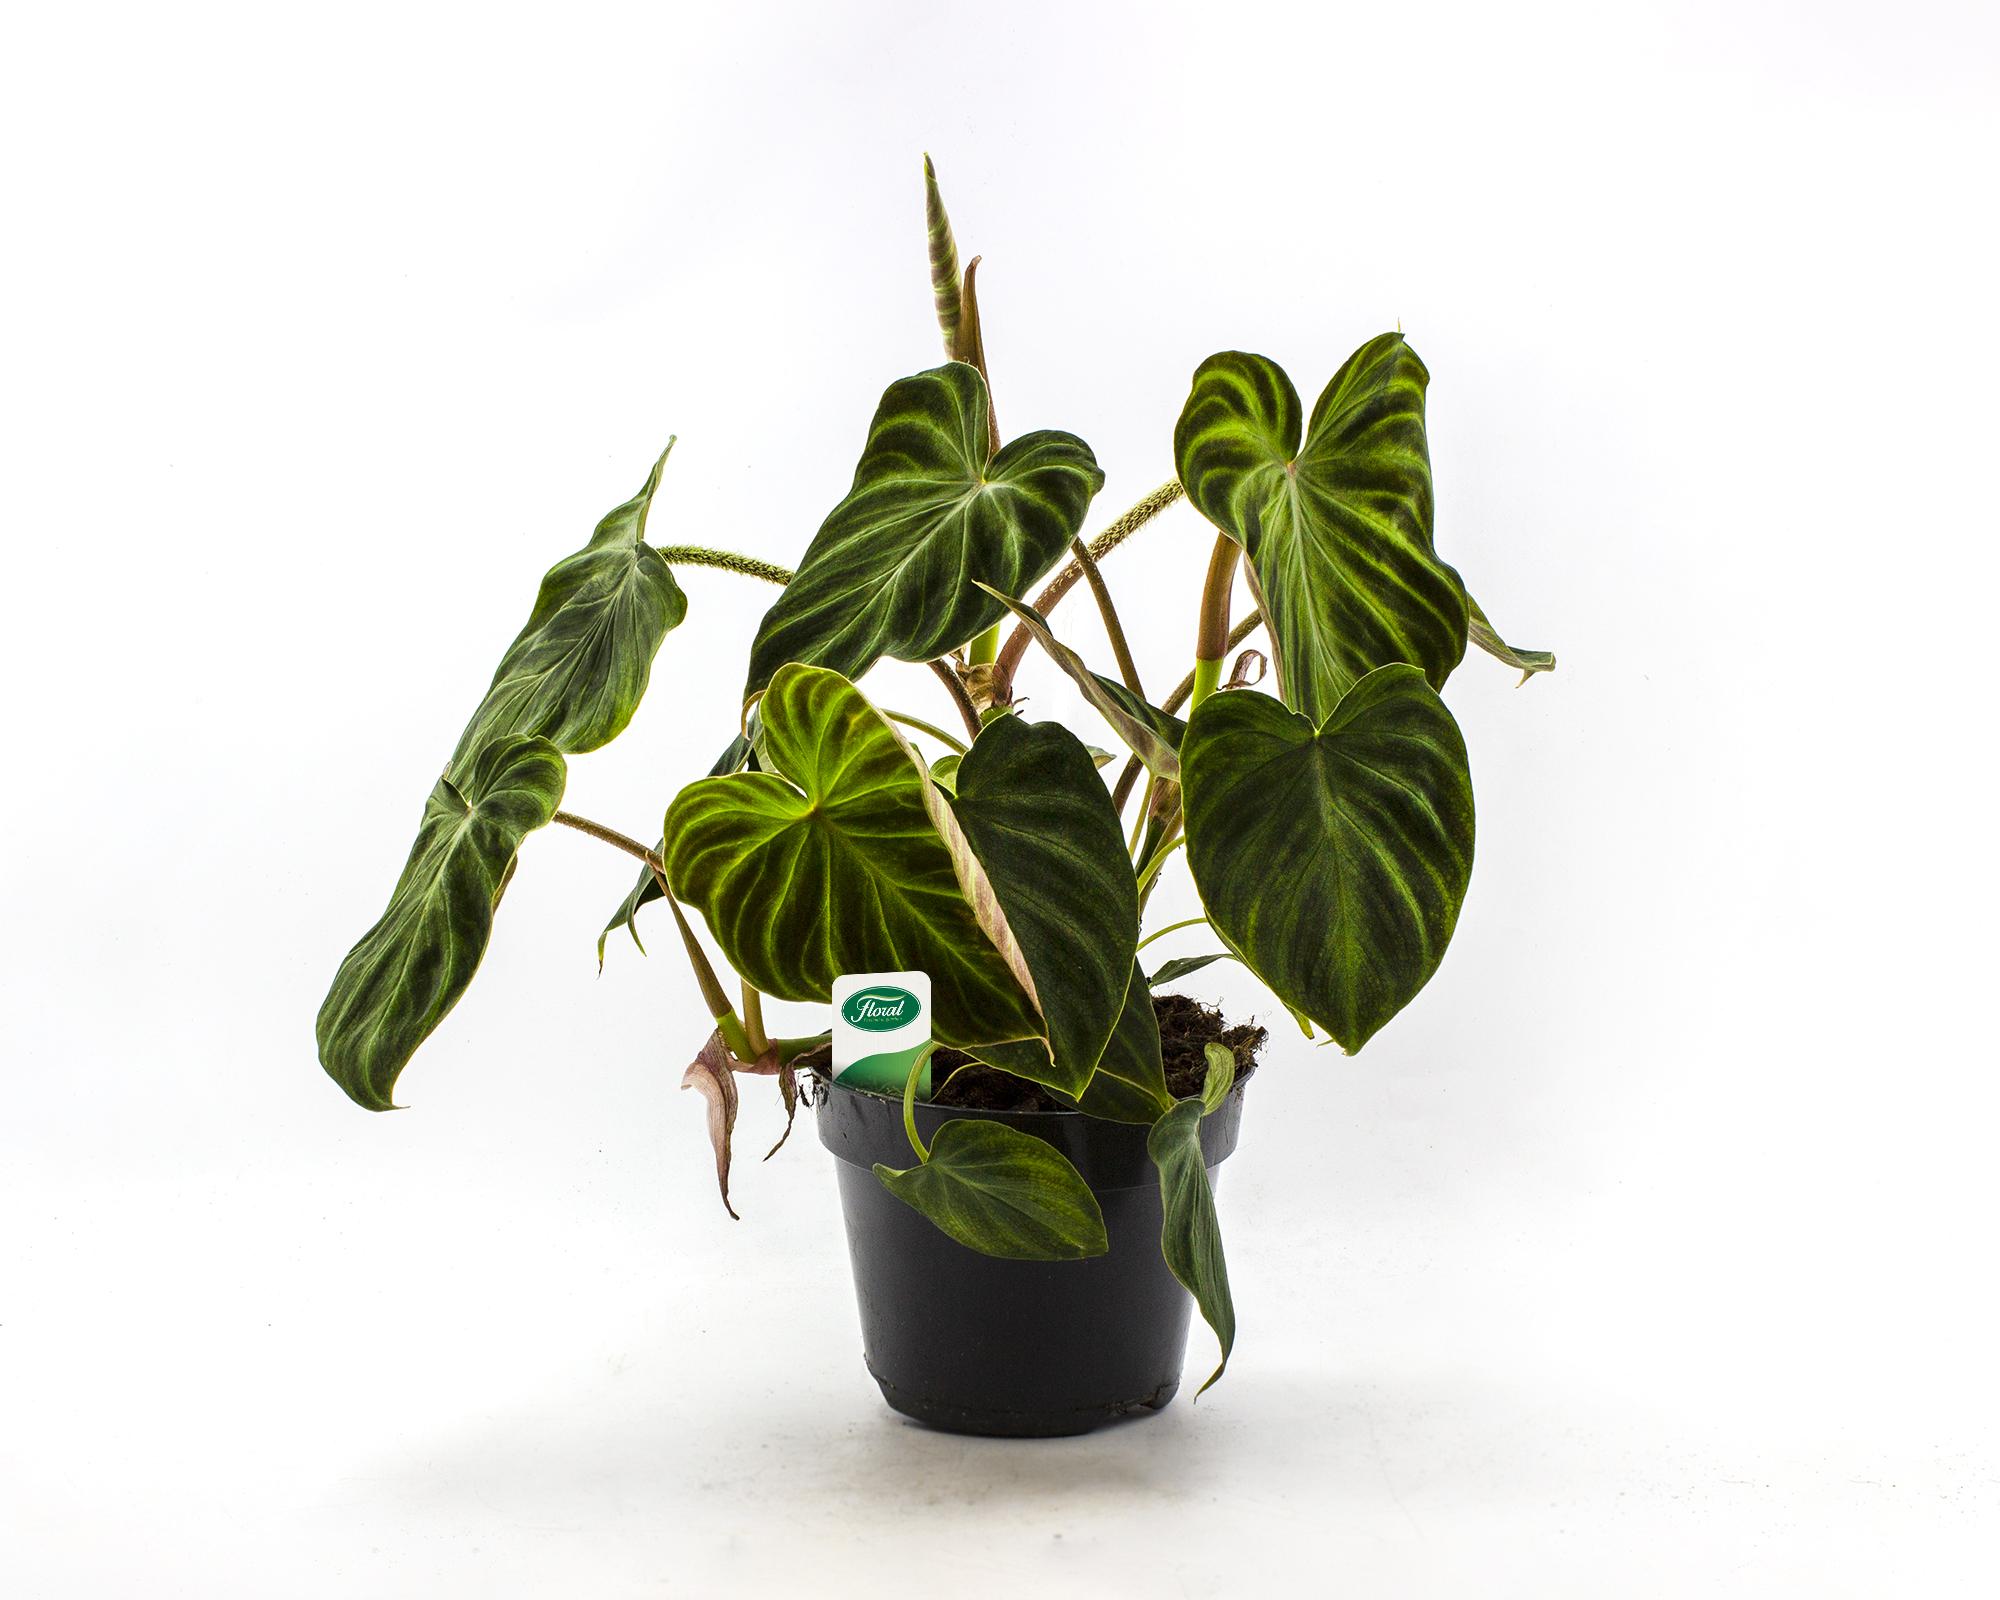 philodendron hederaceum verrucosum